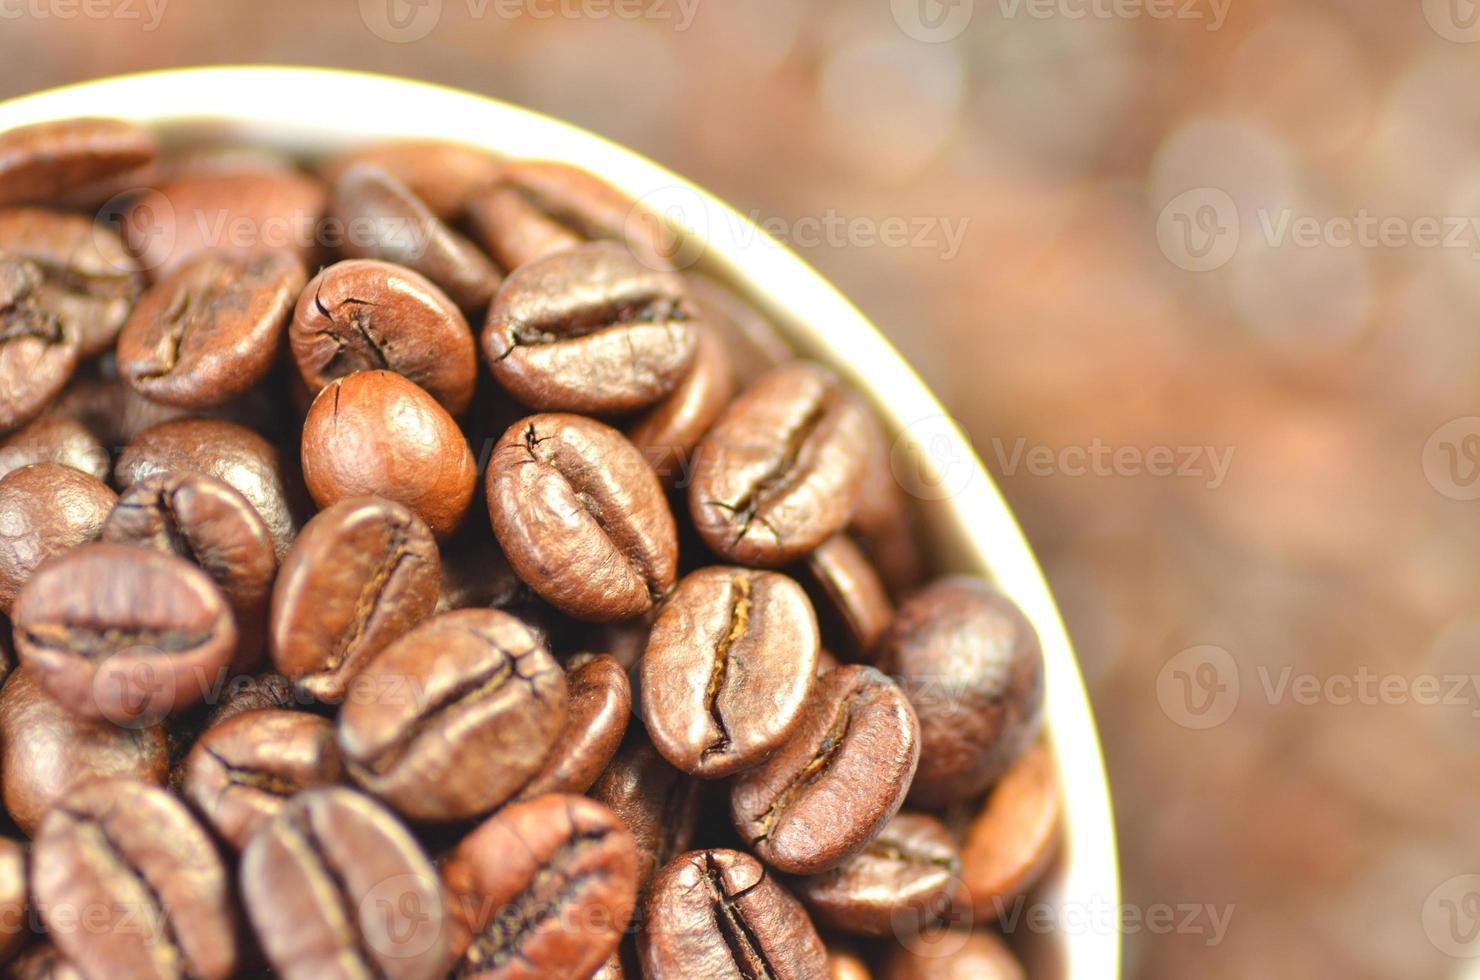 xícara de café branca cheia de grãos de café foto